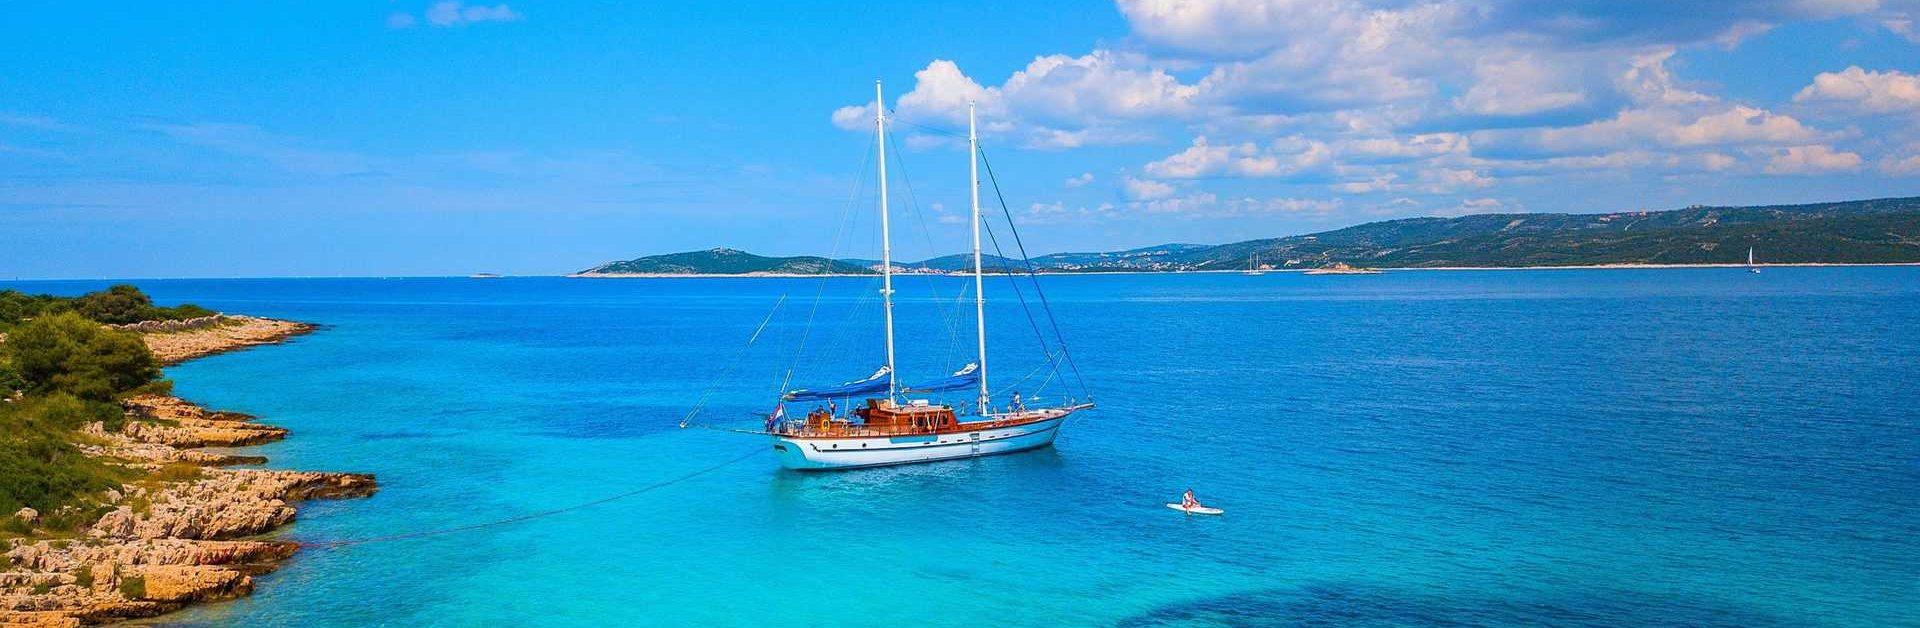 Was ist eine private Boutique Segelkreuzfahrt eigentlich?